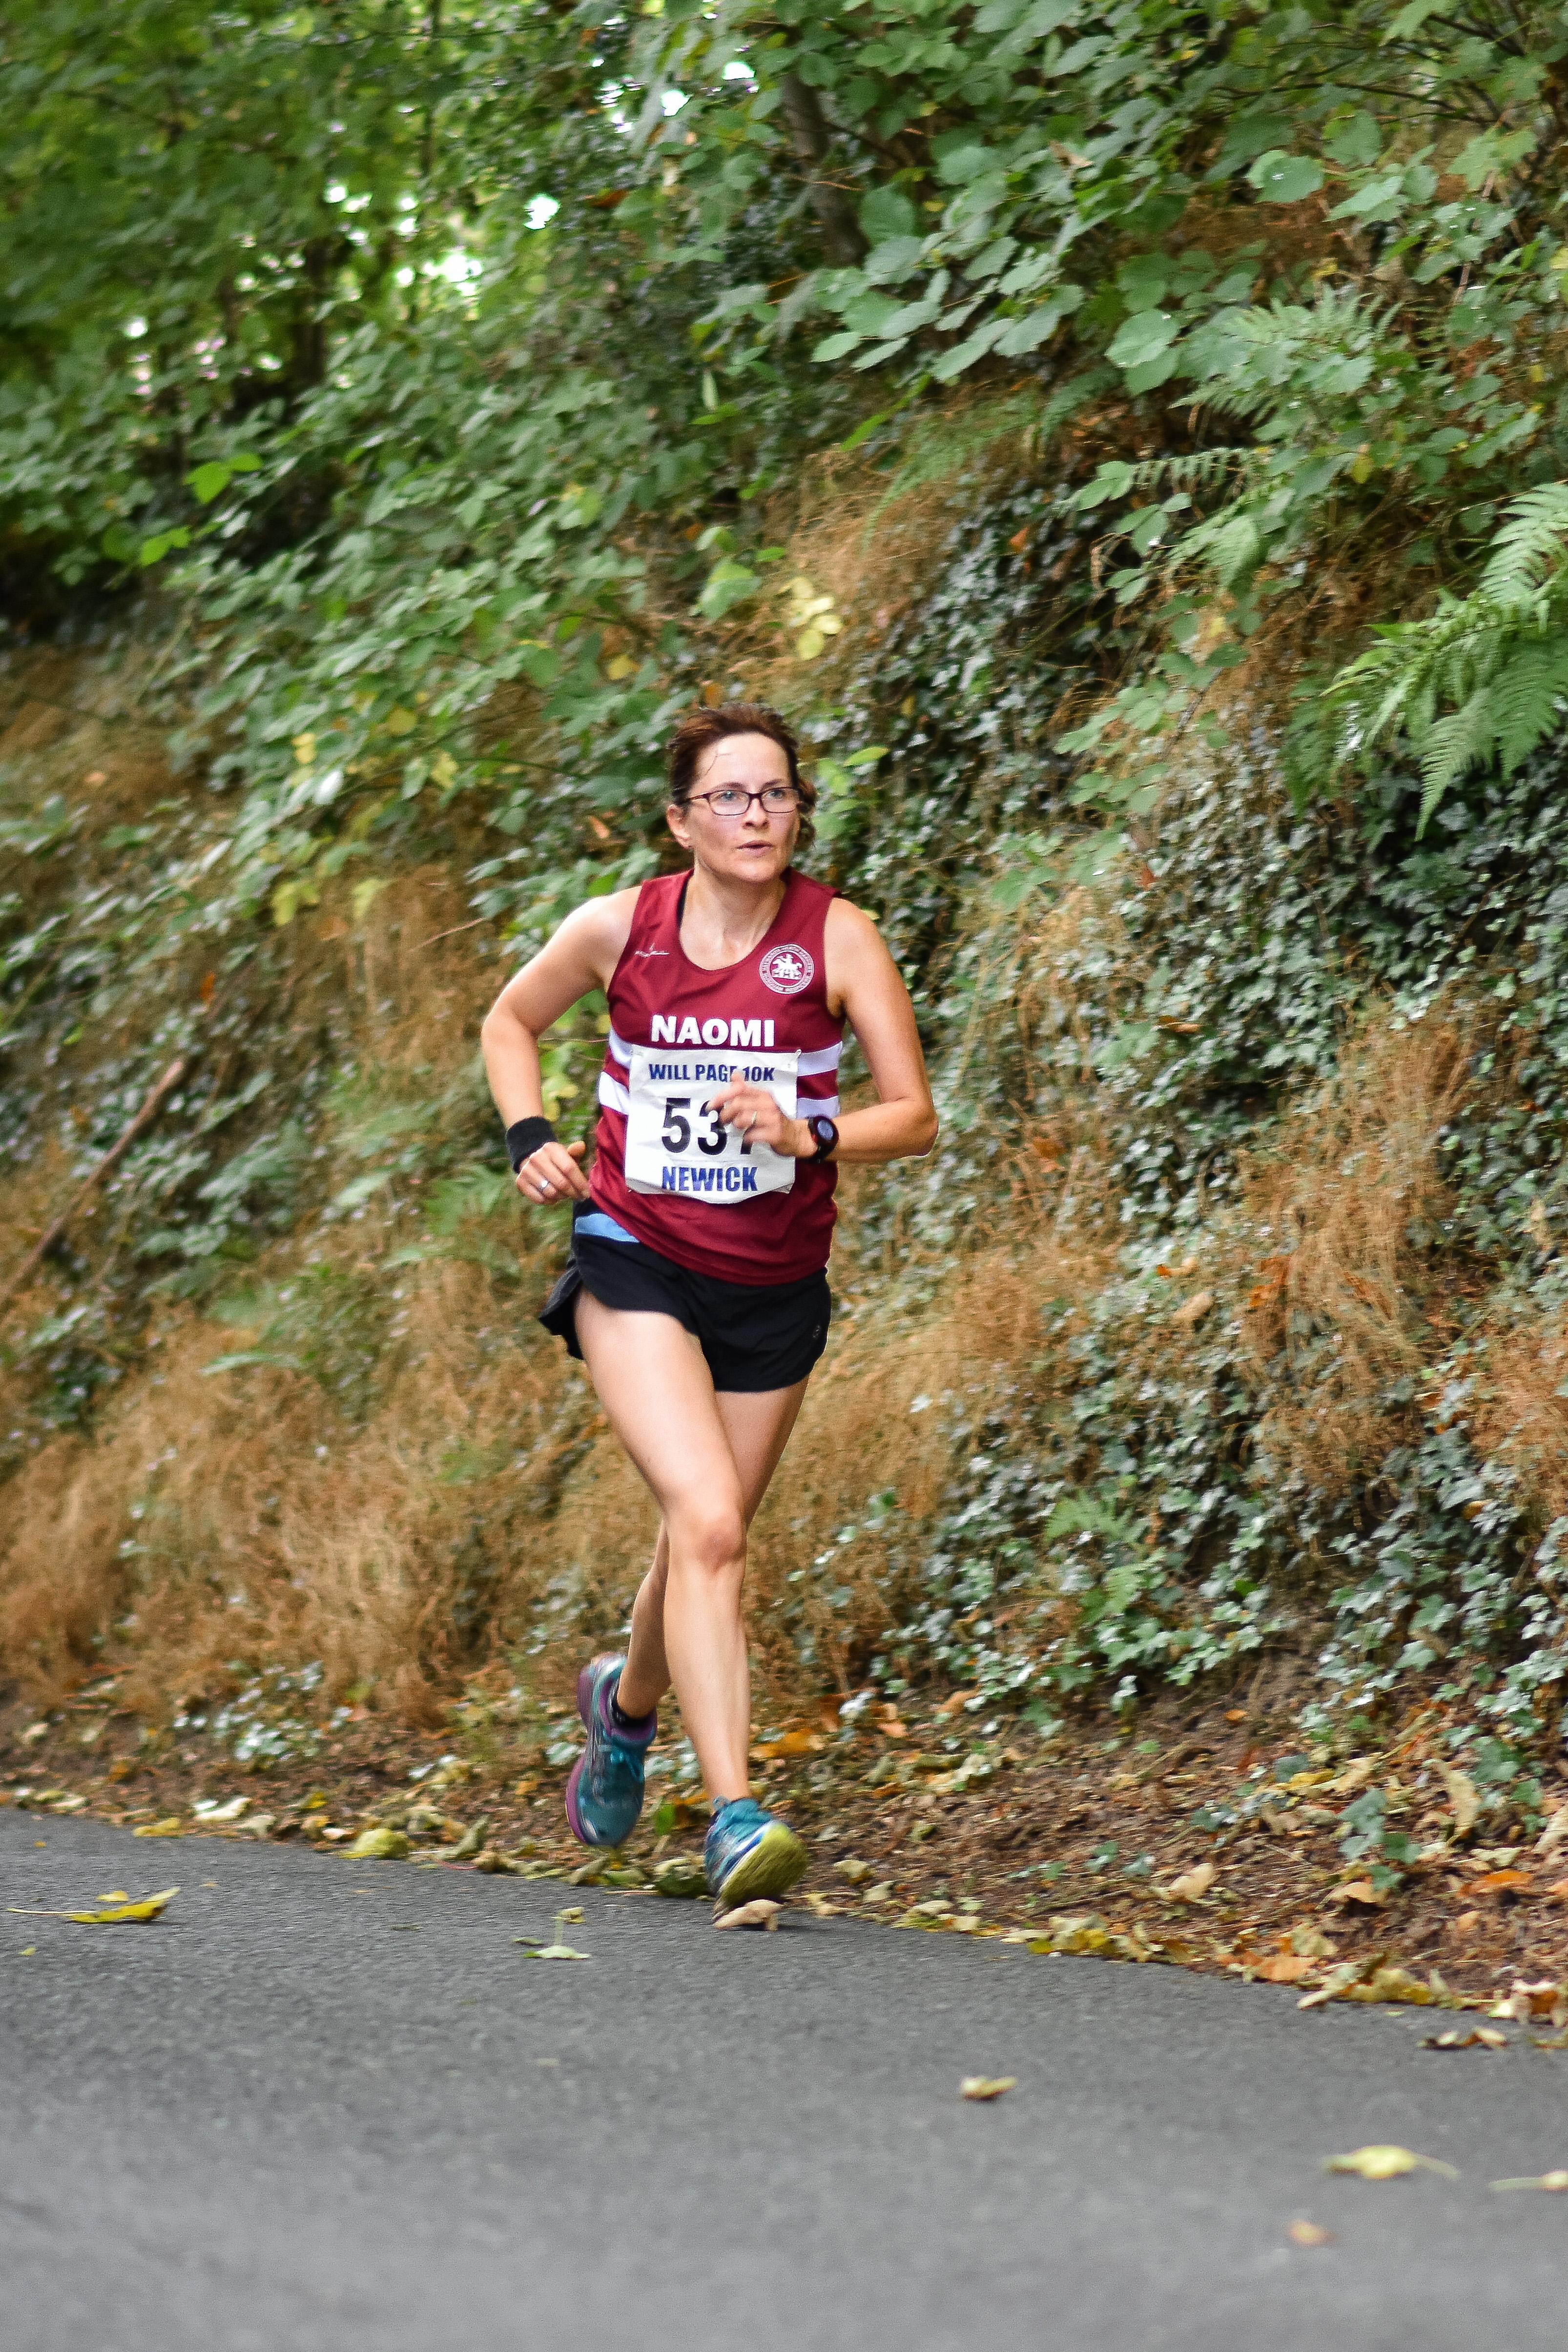 Runner - 537